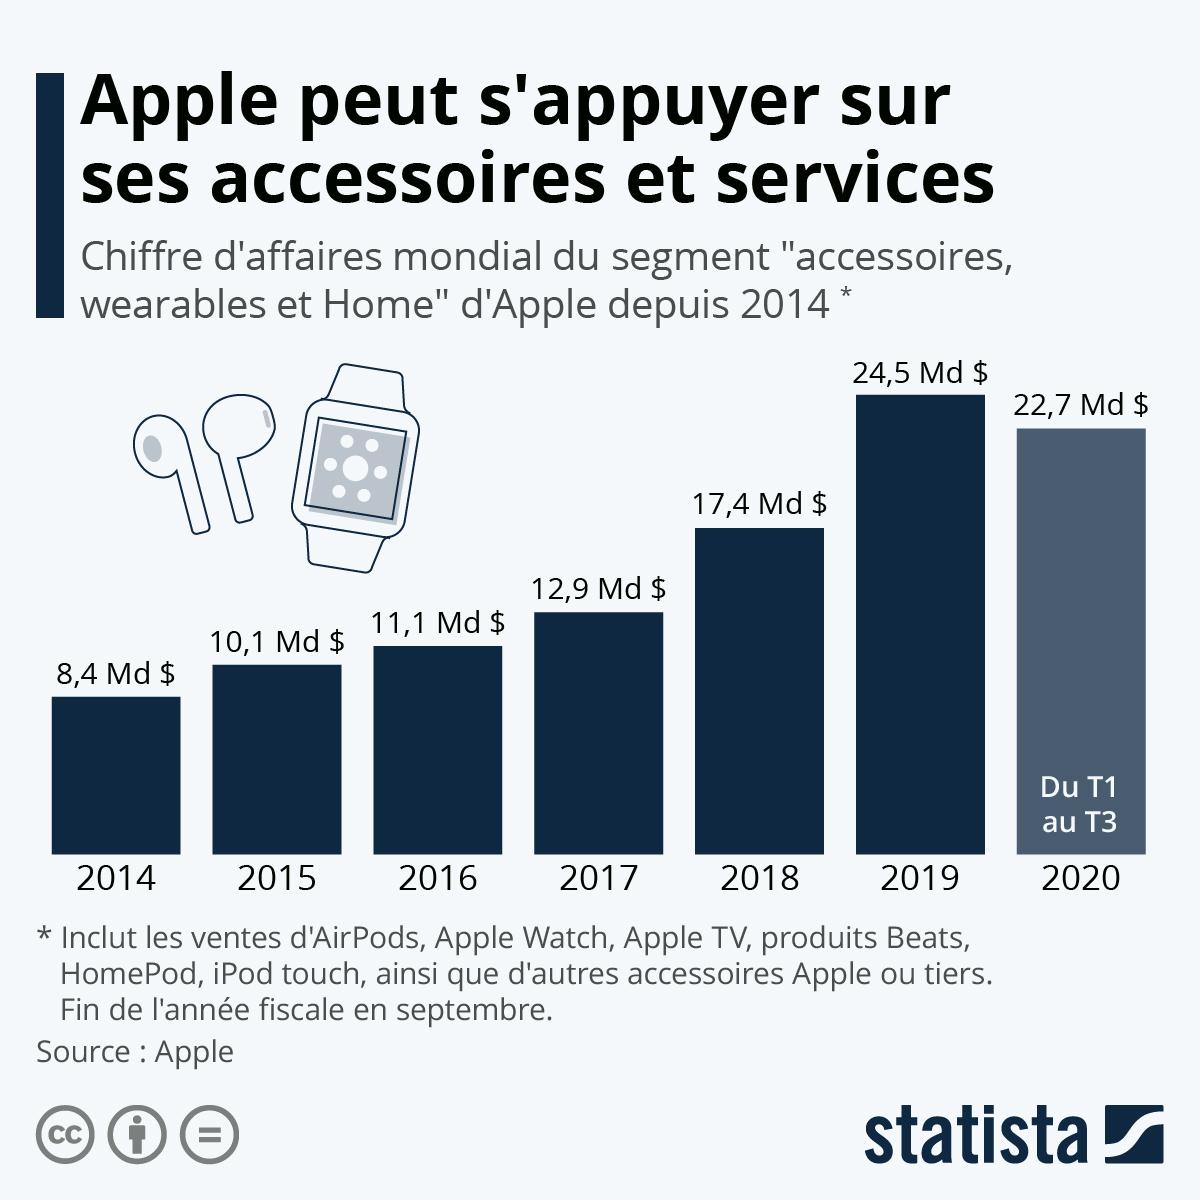 Infographie: Apple peut s'appuyer sur ses accessoires et services | Statista